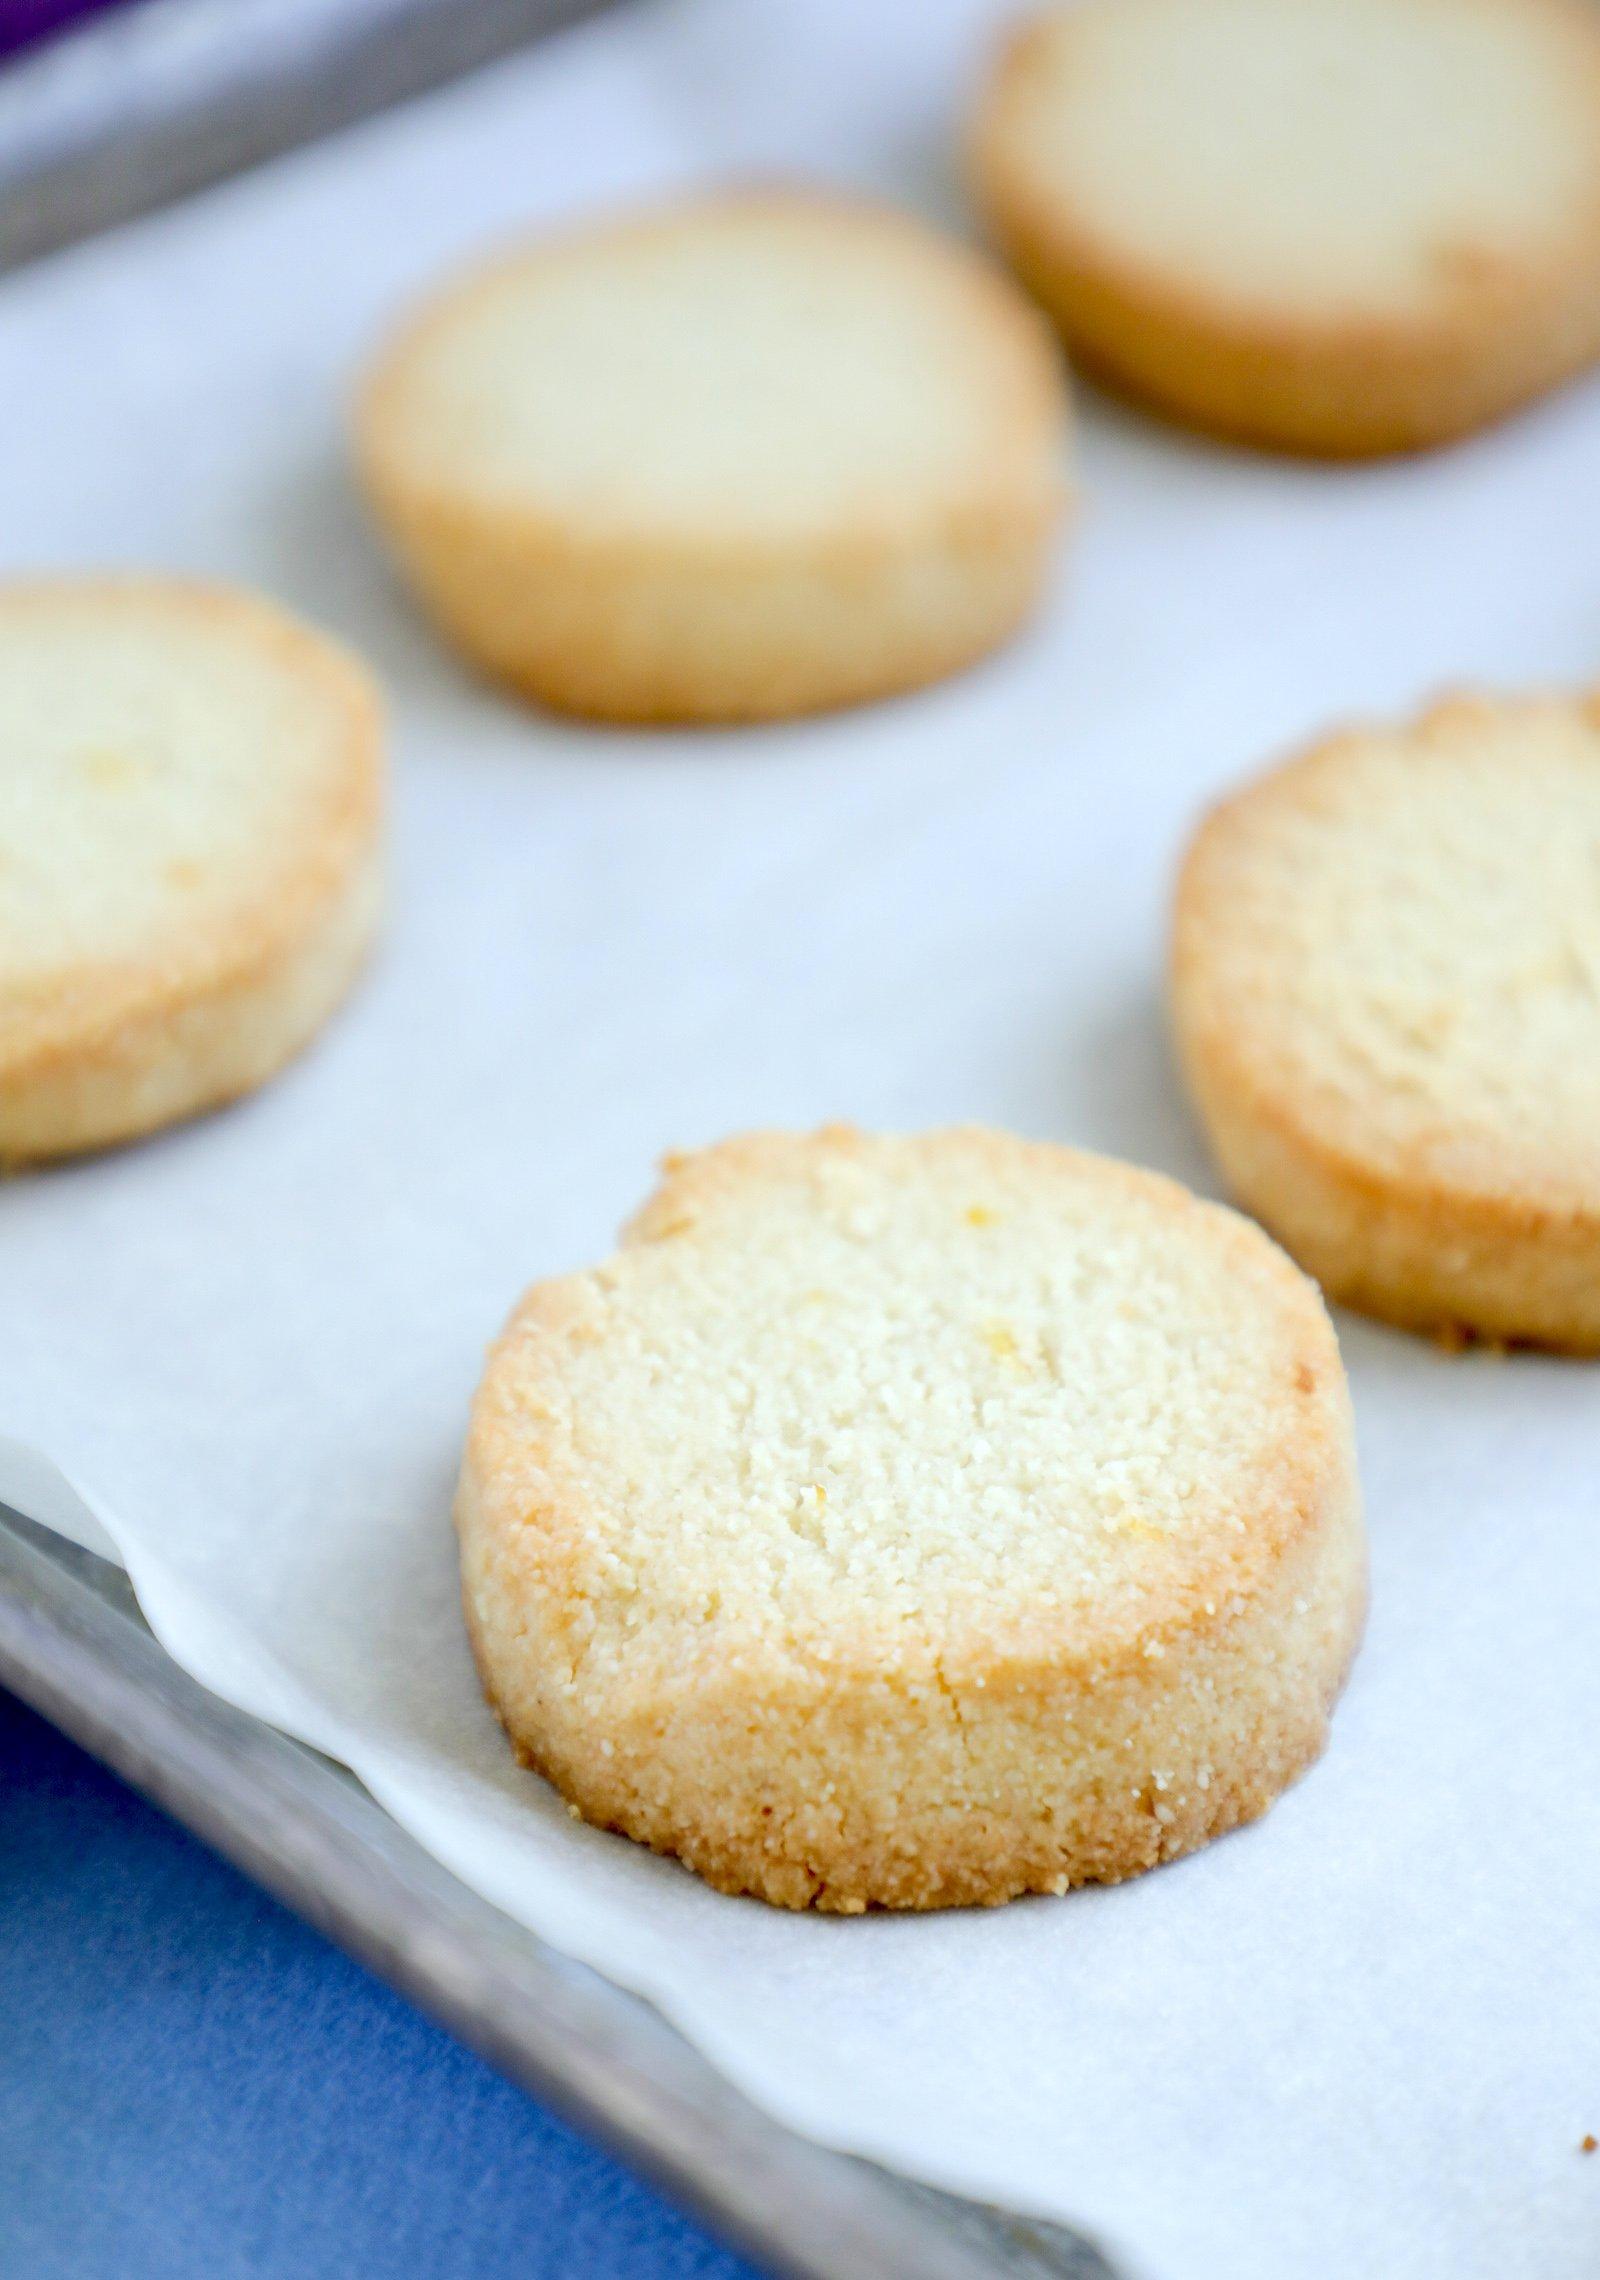 Keto Lemon Shortbread Cookies on parchment paper